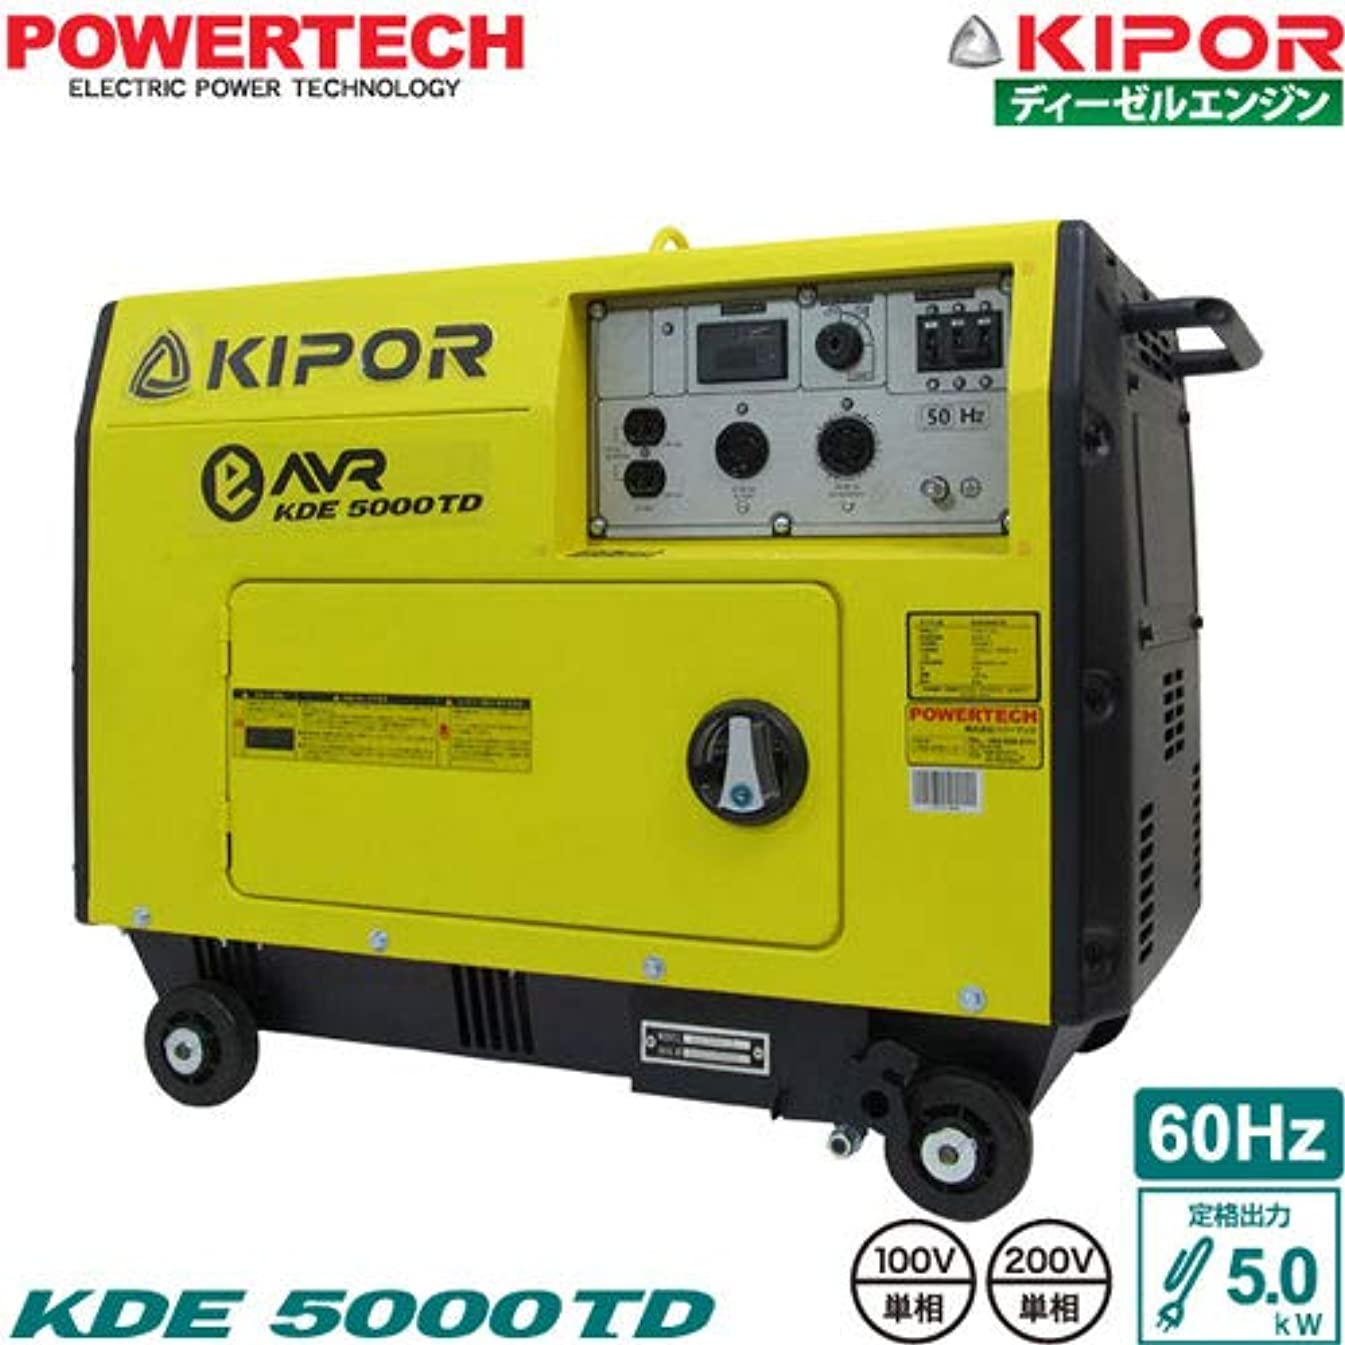 マーキング足正直KIPOR ディーゼル発電機 西日本地域専用 KDE5000TD 60Hz 60Hz